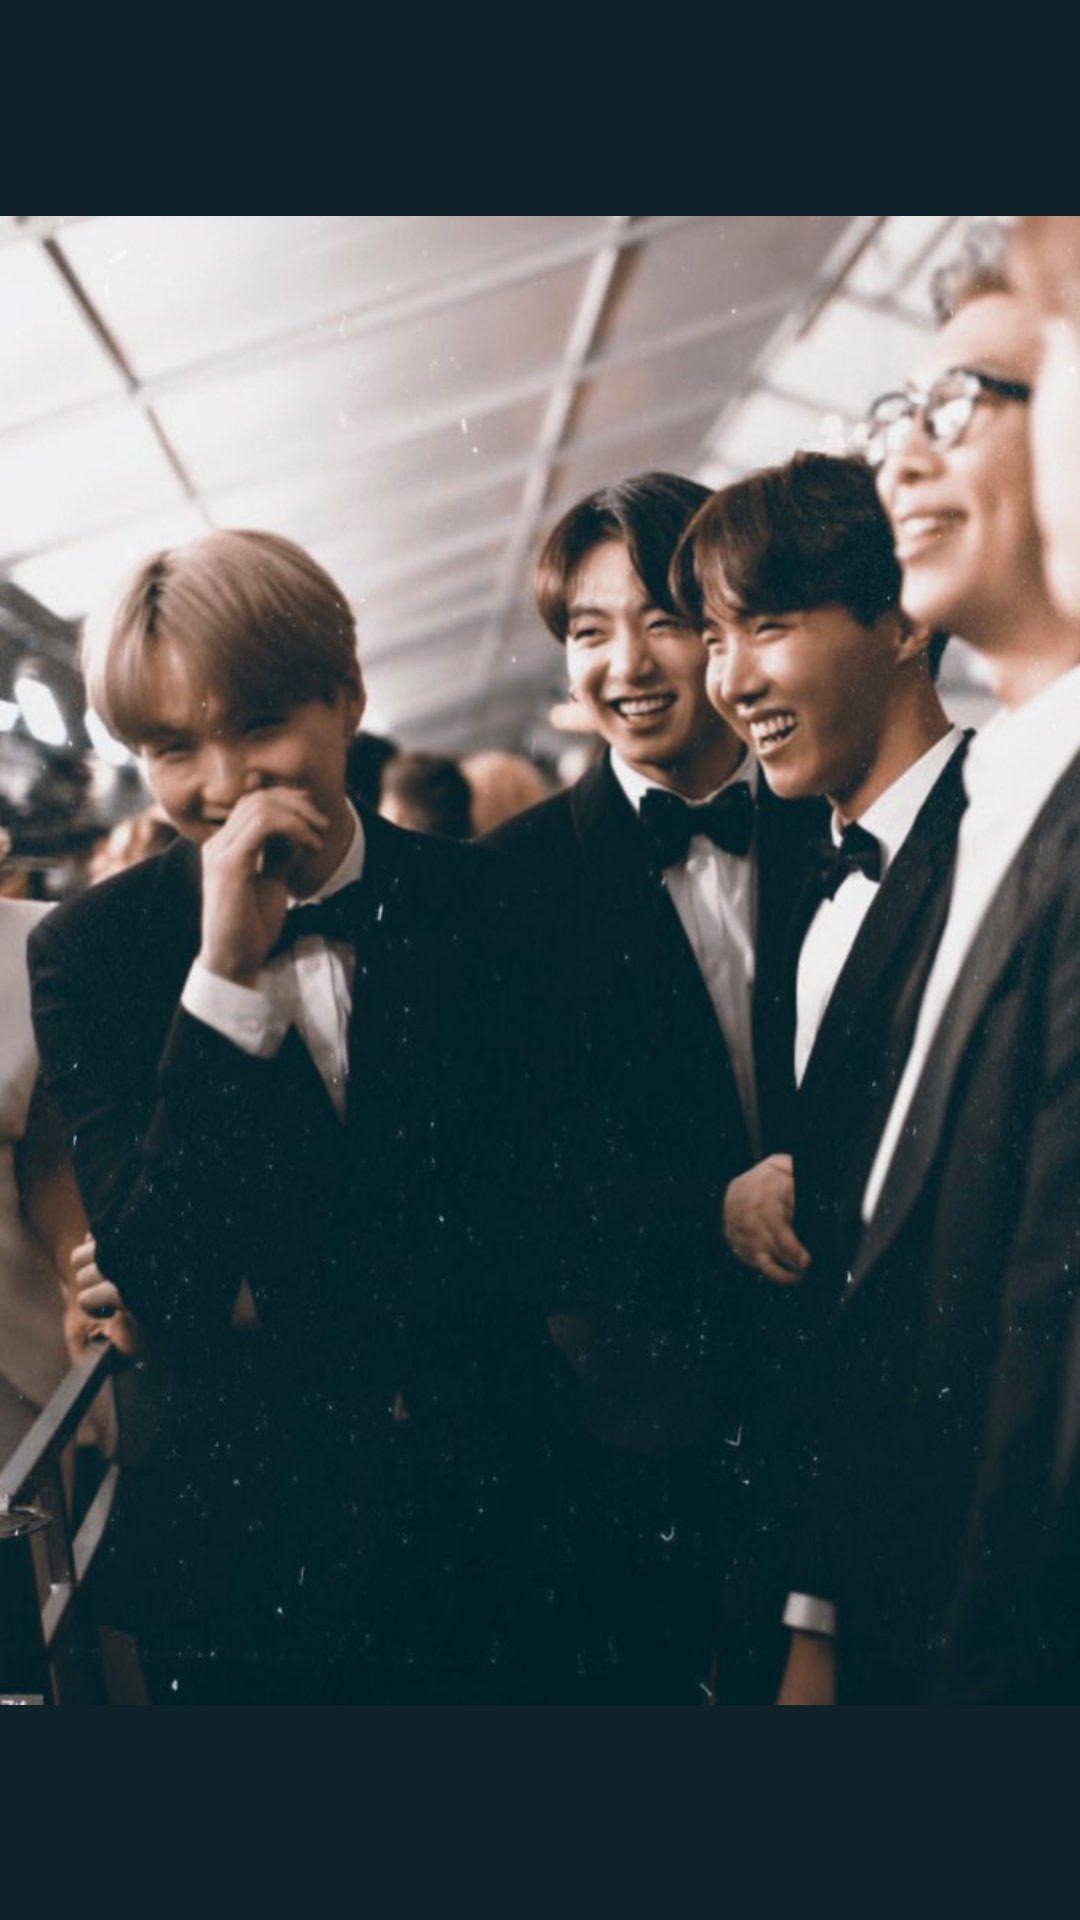 BTS Grammys 2019 My Boys in 2019 BTS Wallpaper 1080x1920